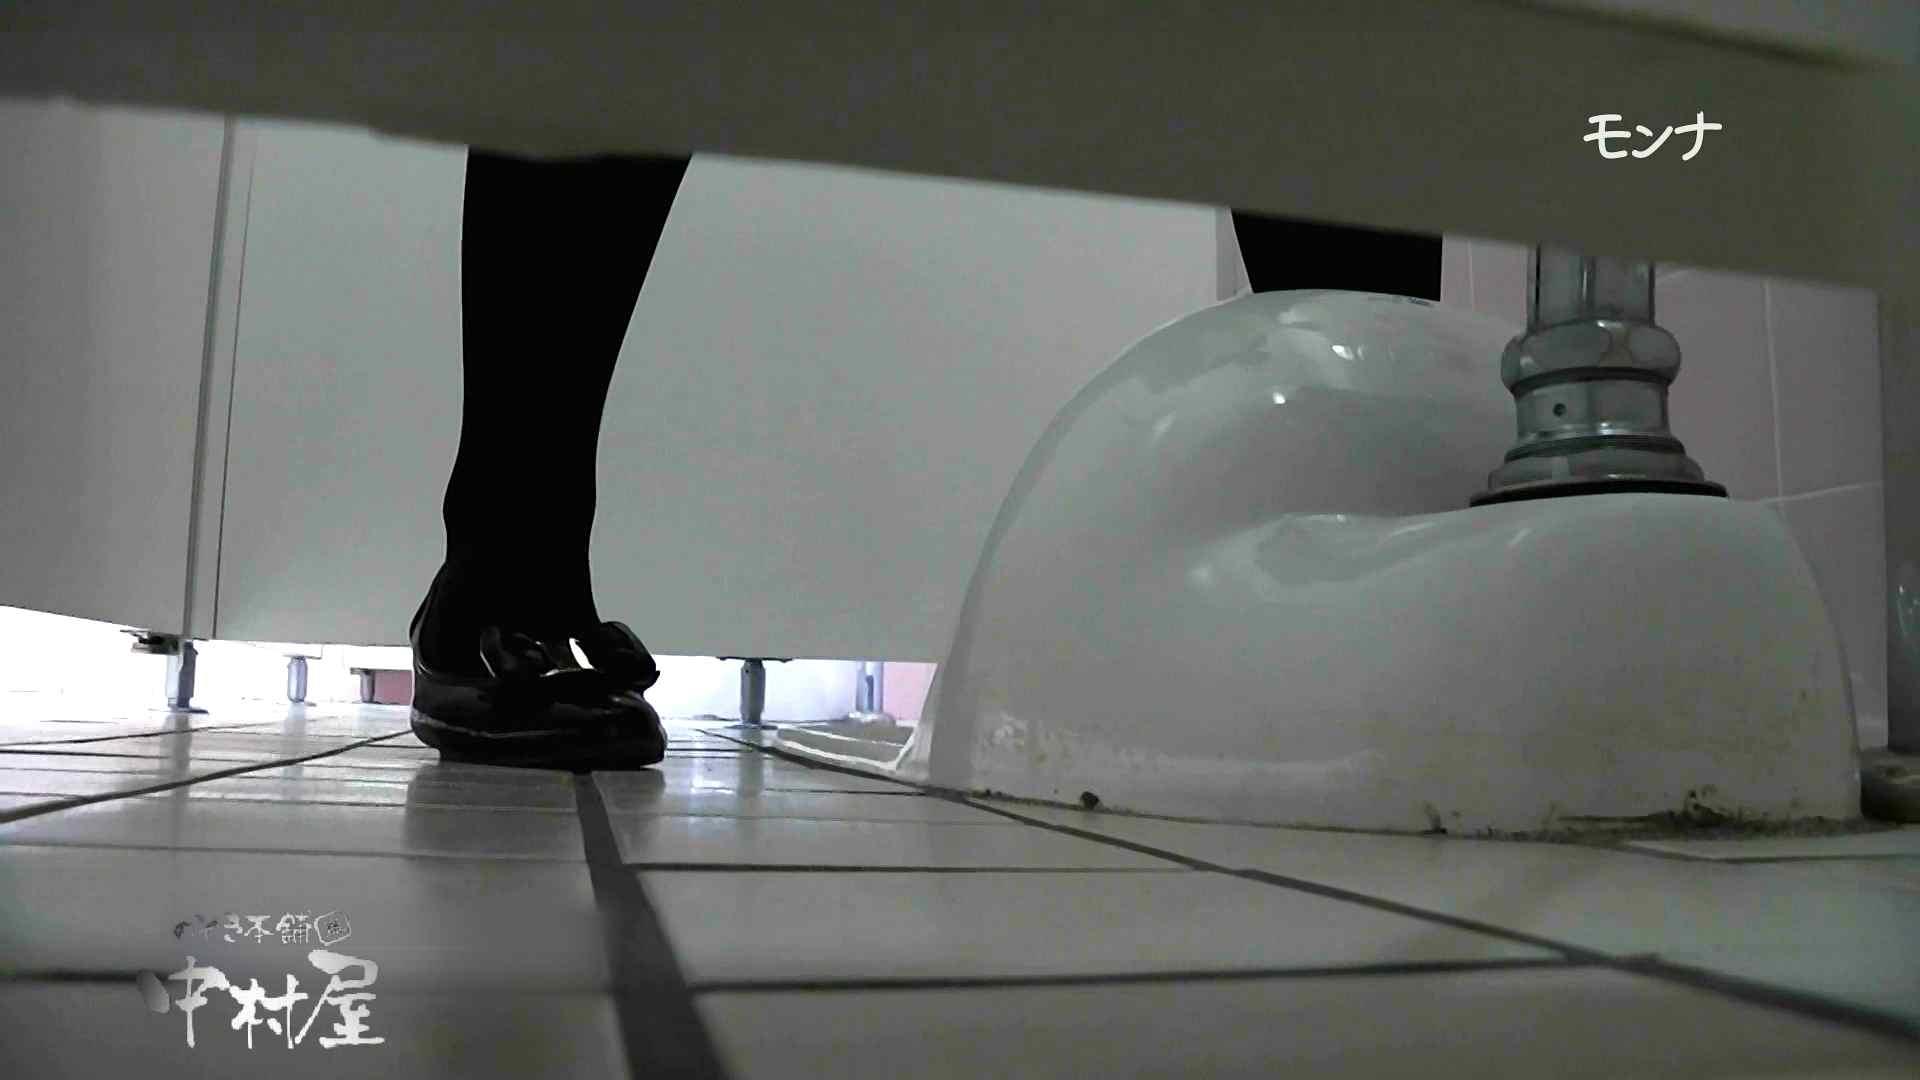 【美しい日本の未来】遂に!!戸田恵梨香似の予告モデル登場ダッシュで「大」後編 Hなモデル  105pic 52